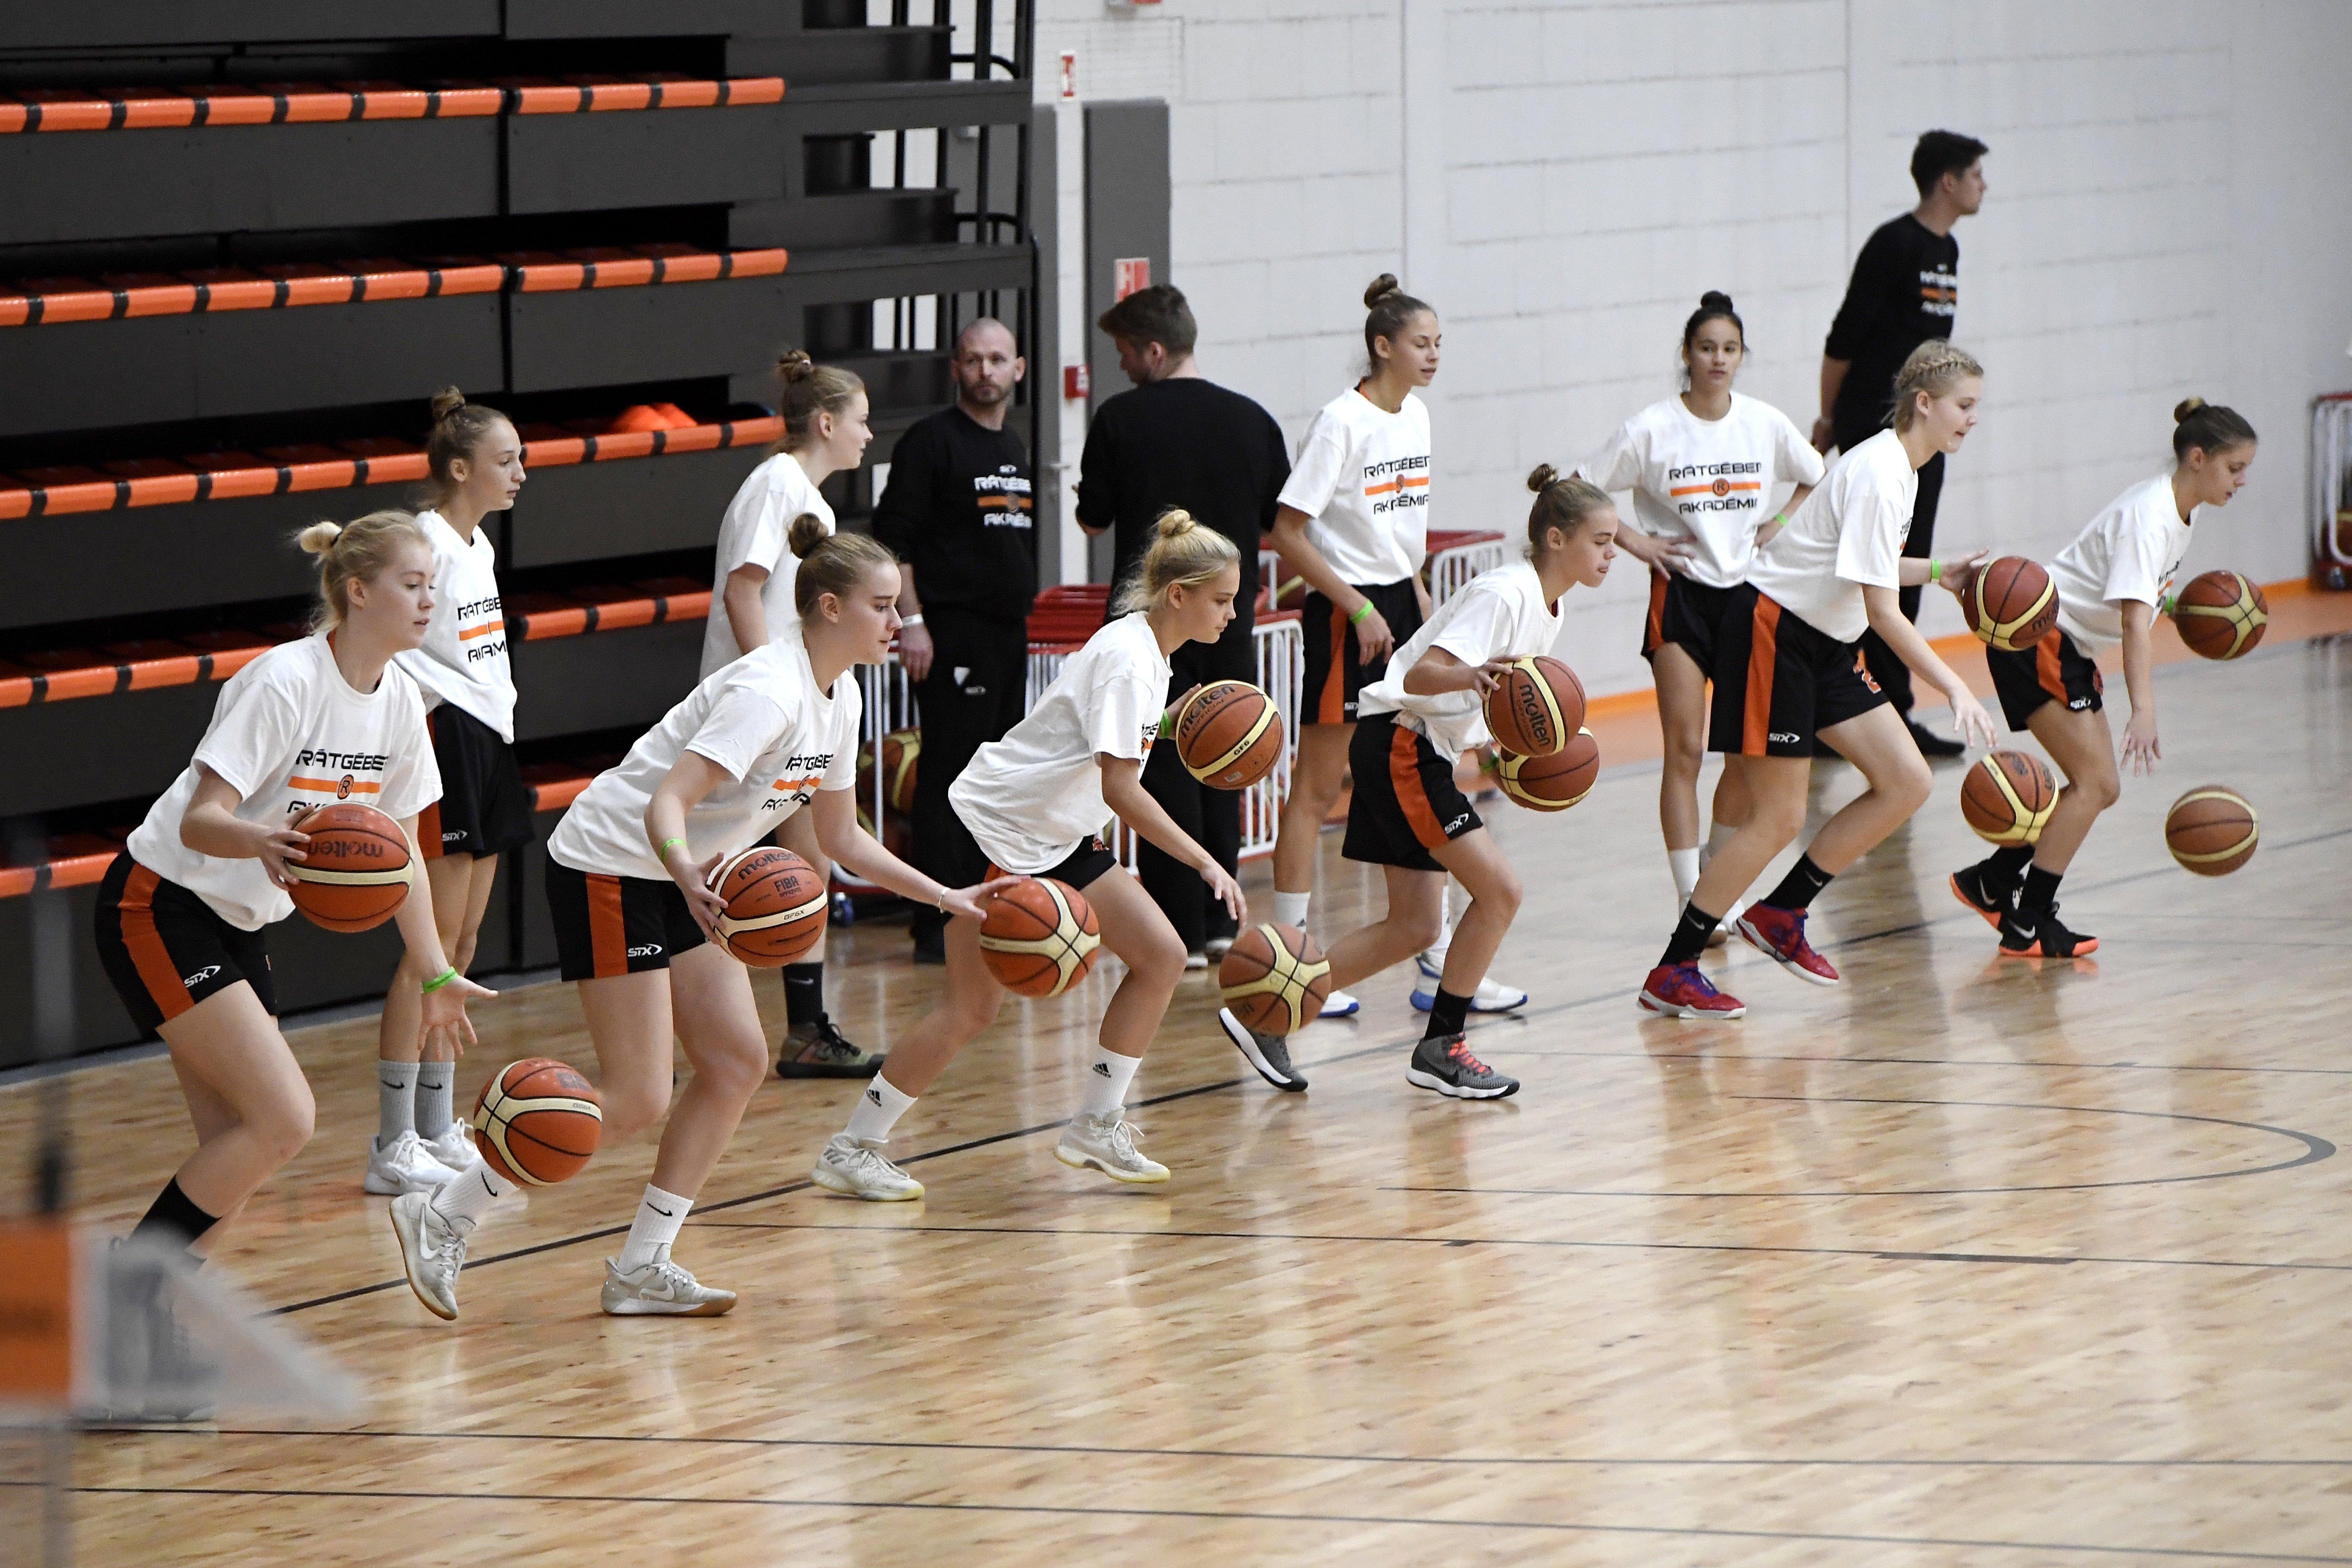 Diákok edzenek az újonnan felavatott pécsi Nemzeti Kosárlabda Akadémián /Fotó: MTI